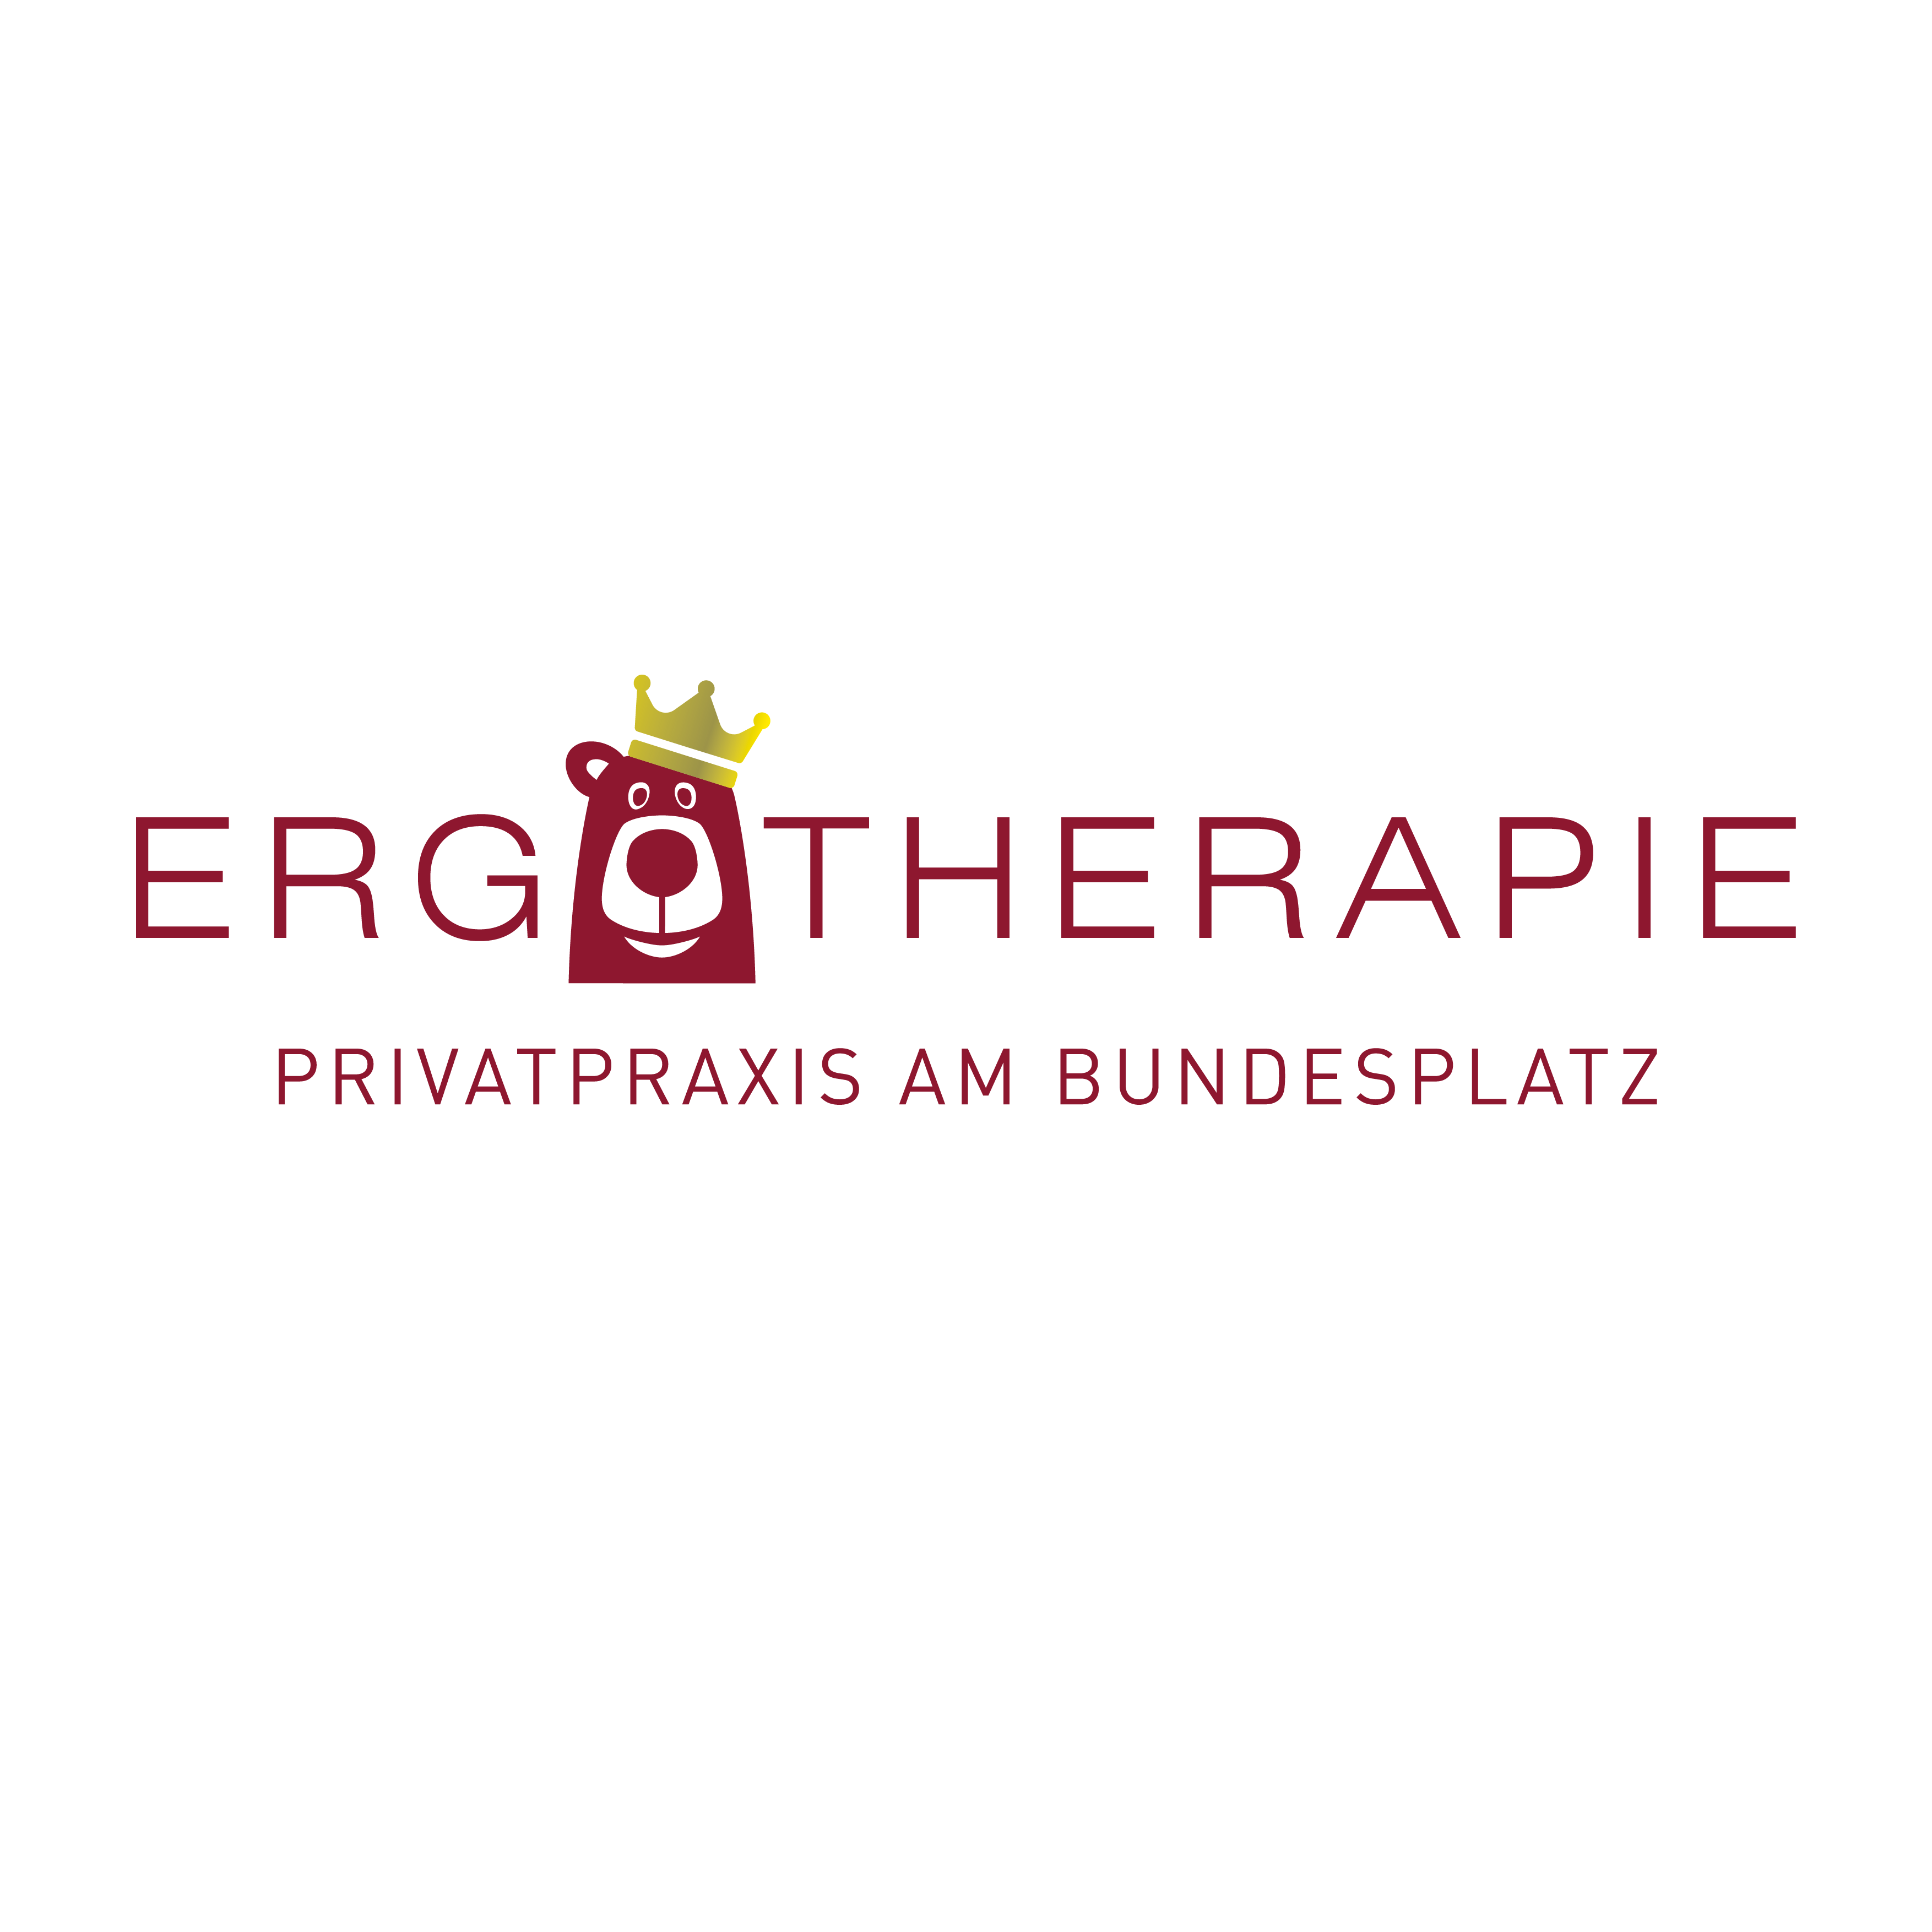 Bild zu Ergotherapie - Privatpraxis am Bundesplatz in Berlin